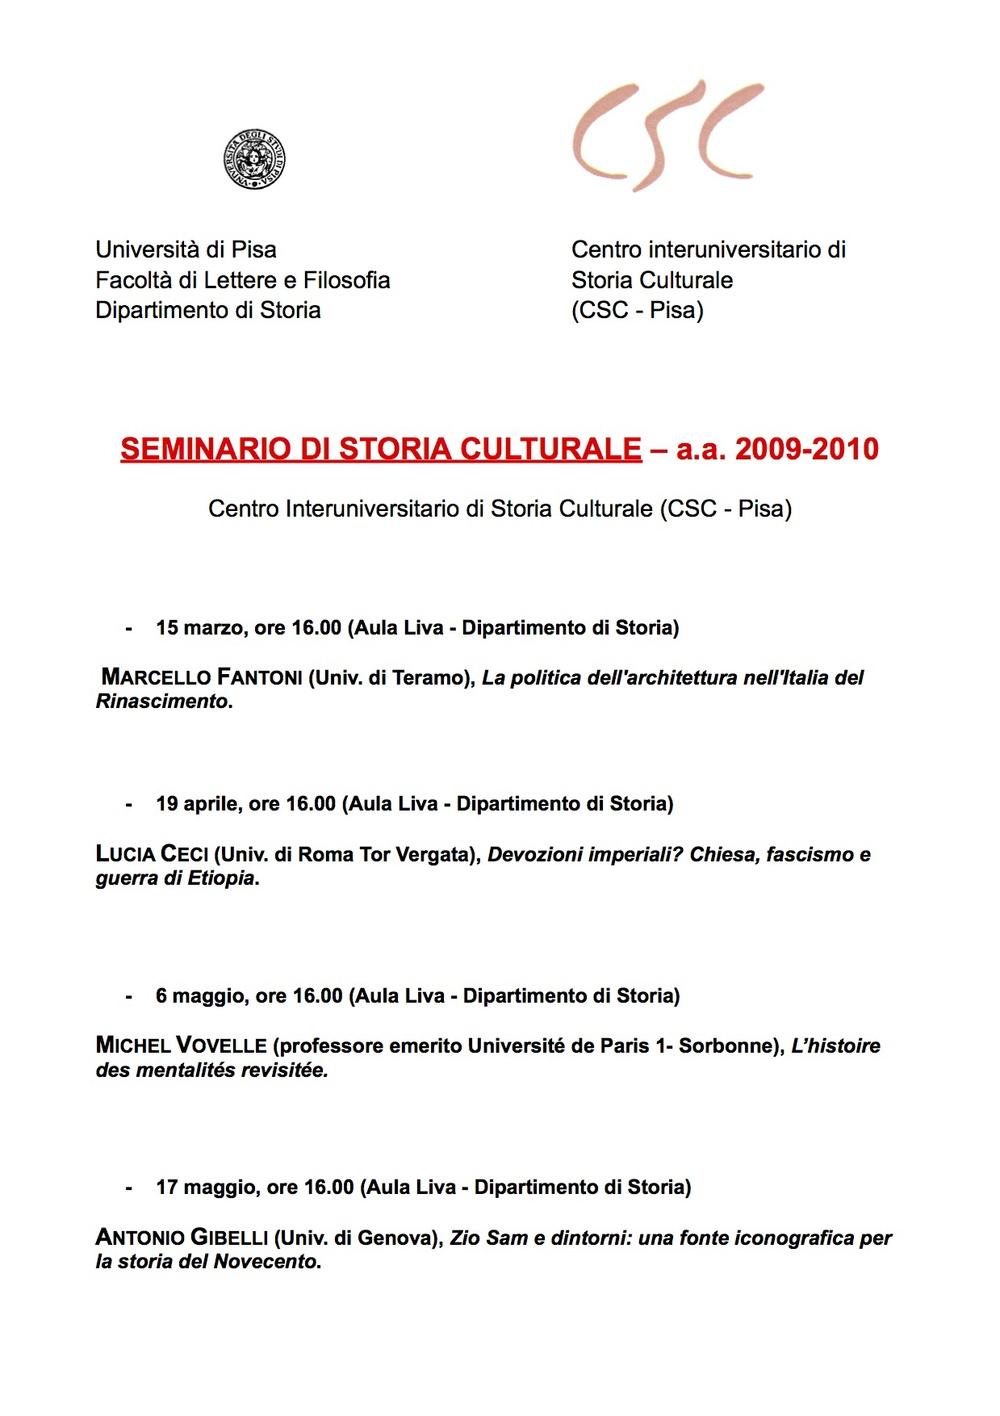 2009 (PI) Seminari Pisa.jpg